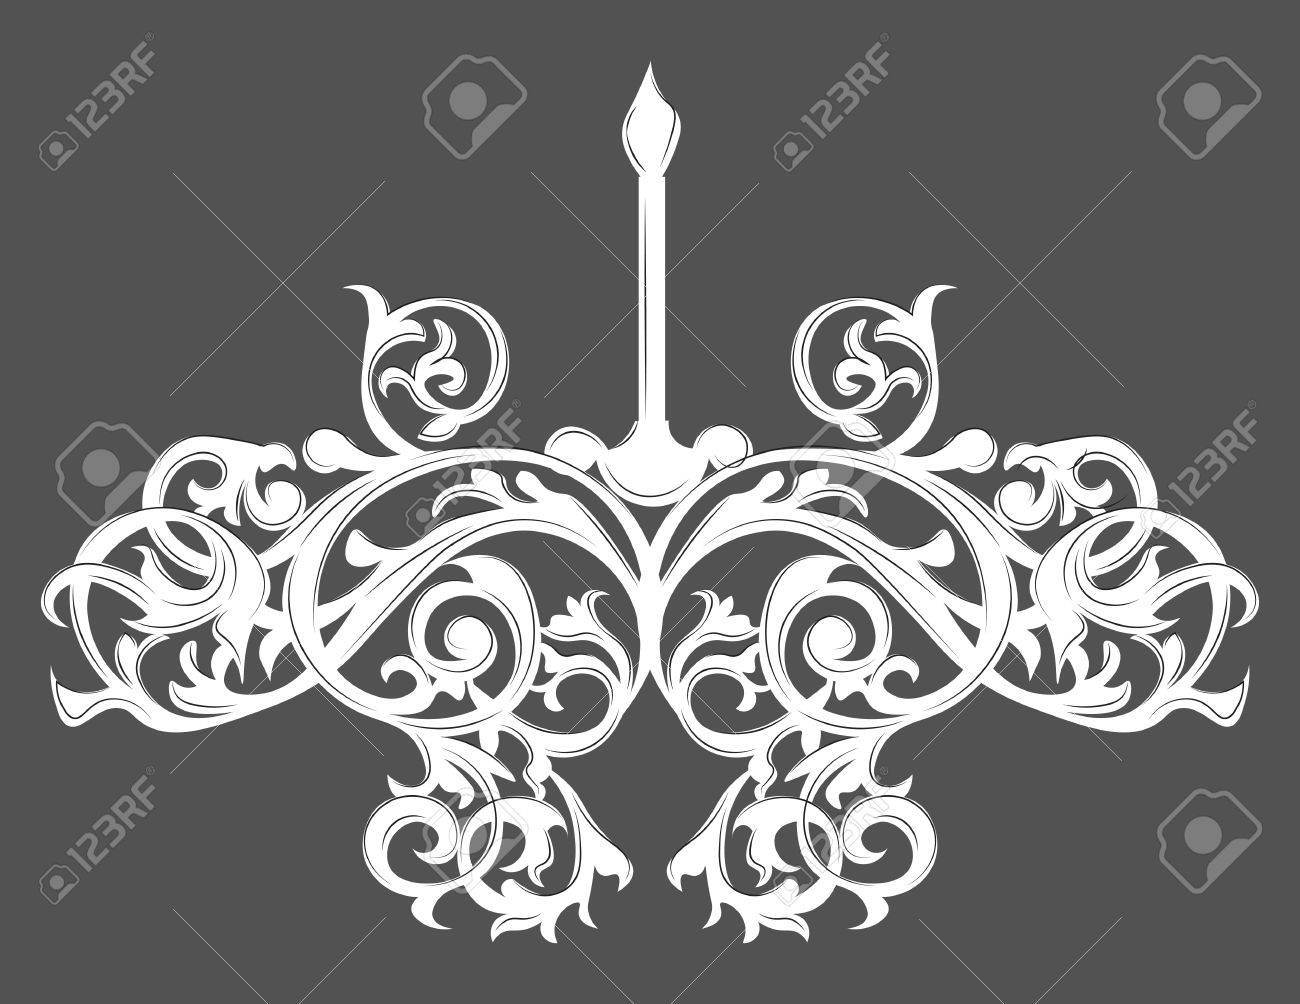 Kronleuchter Barock Schwarz ~ Barock elegante lampe jahrgang verziert vector luxus königlichen